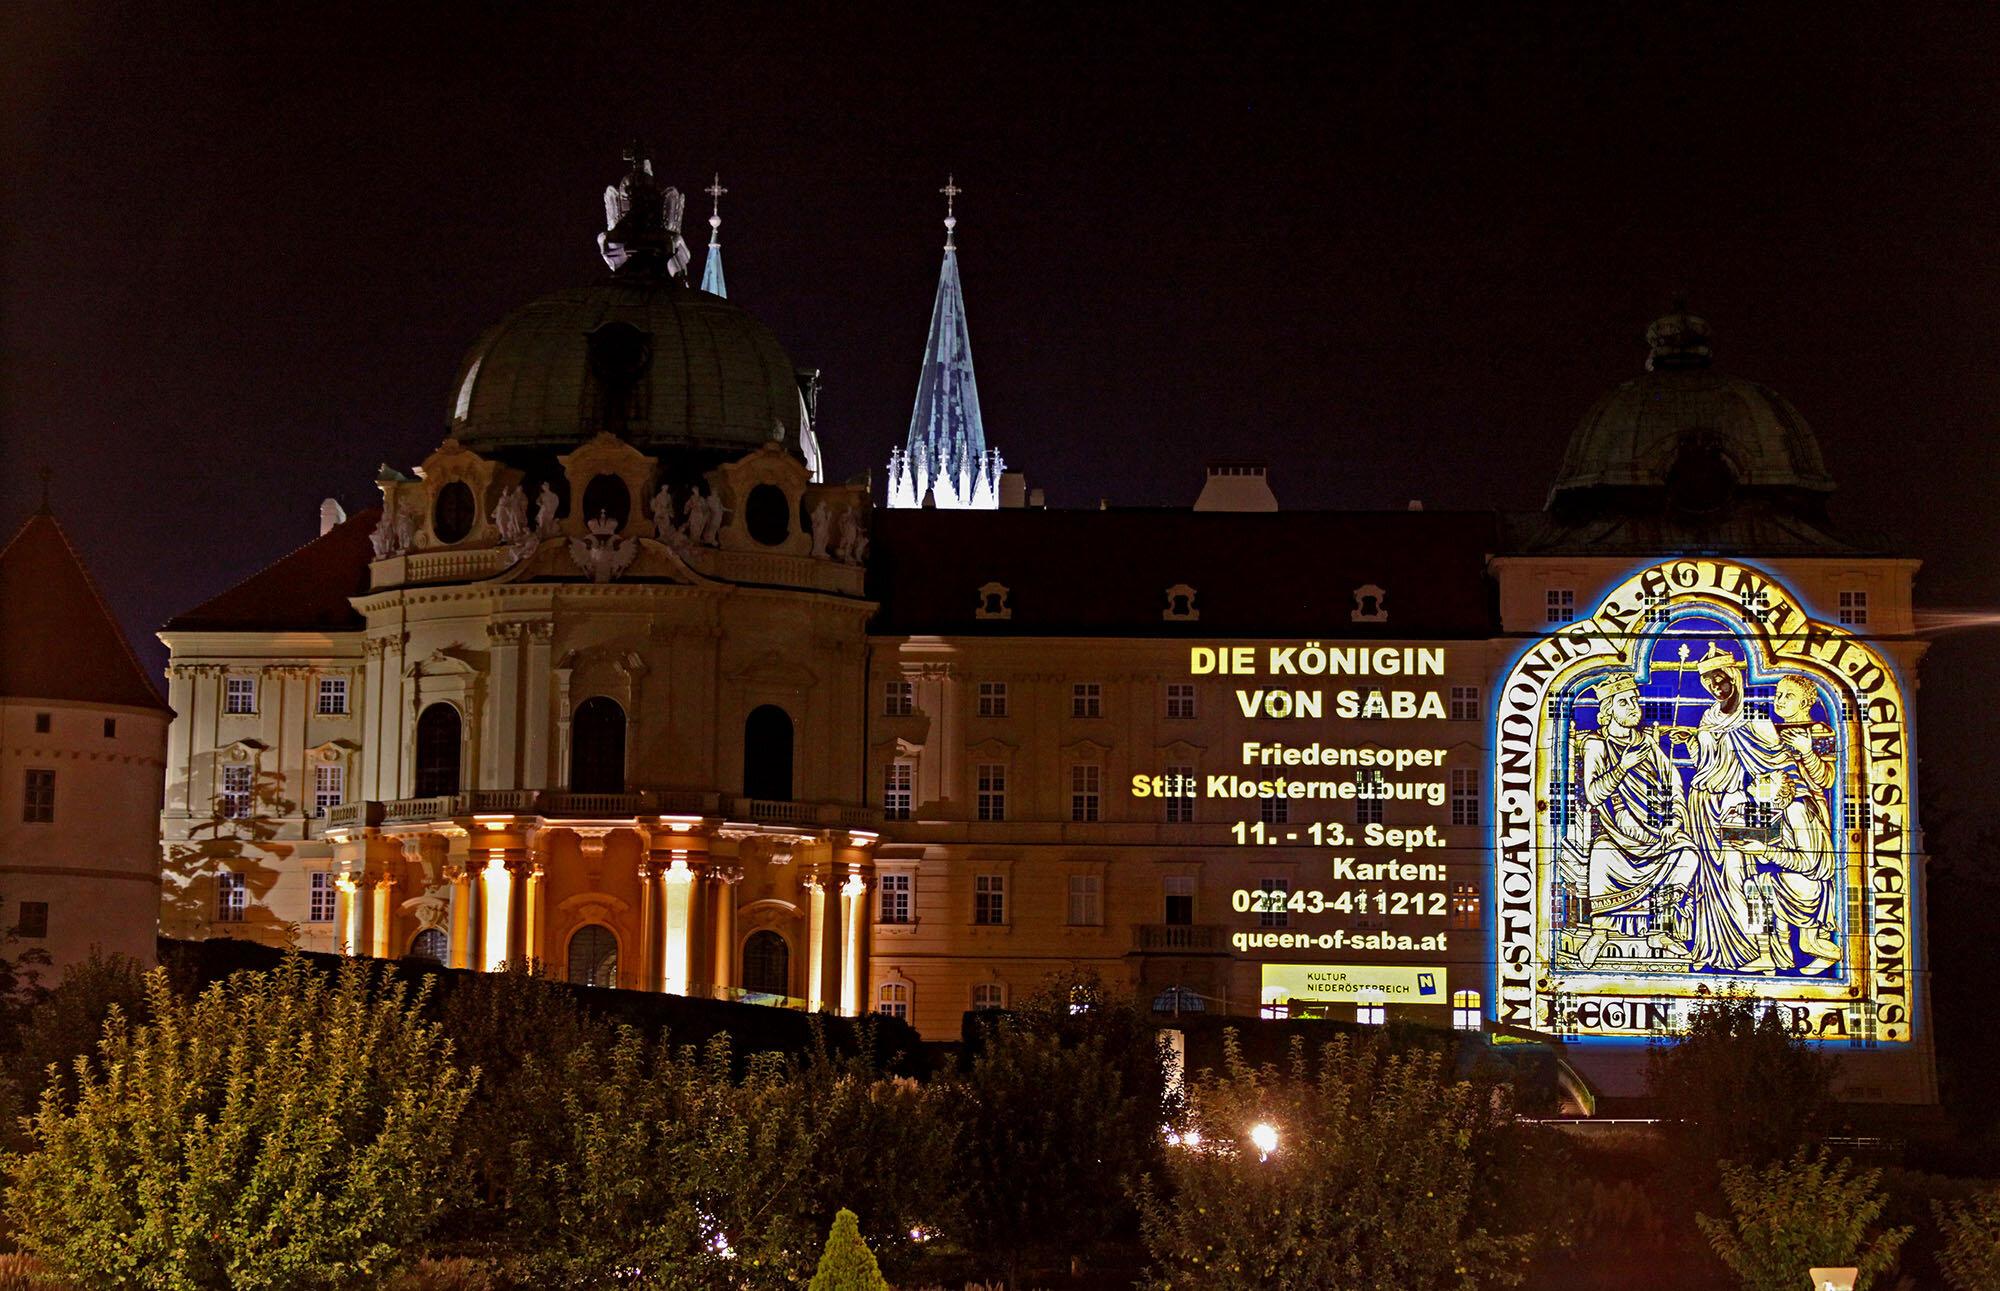 DieKoeniginVonSaba_StiftskircheKlosterneuburg_02.jpg